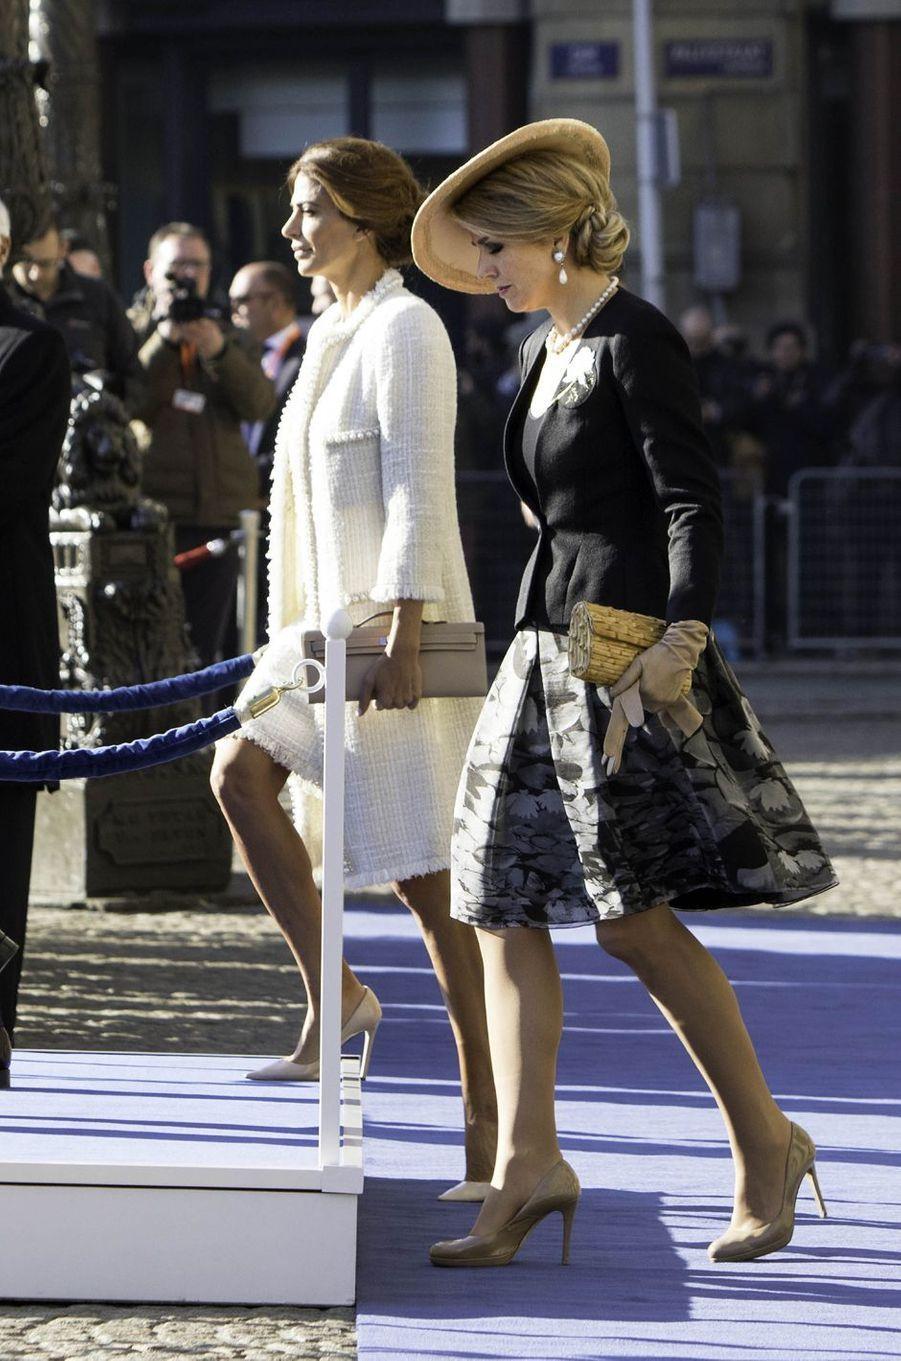 La reine Maxima des Pays-Bas avec la First Lady argentine Juliana Awada à Amsterdam, le 27 mars 2017